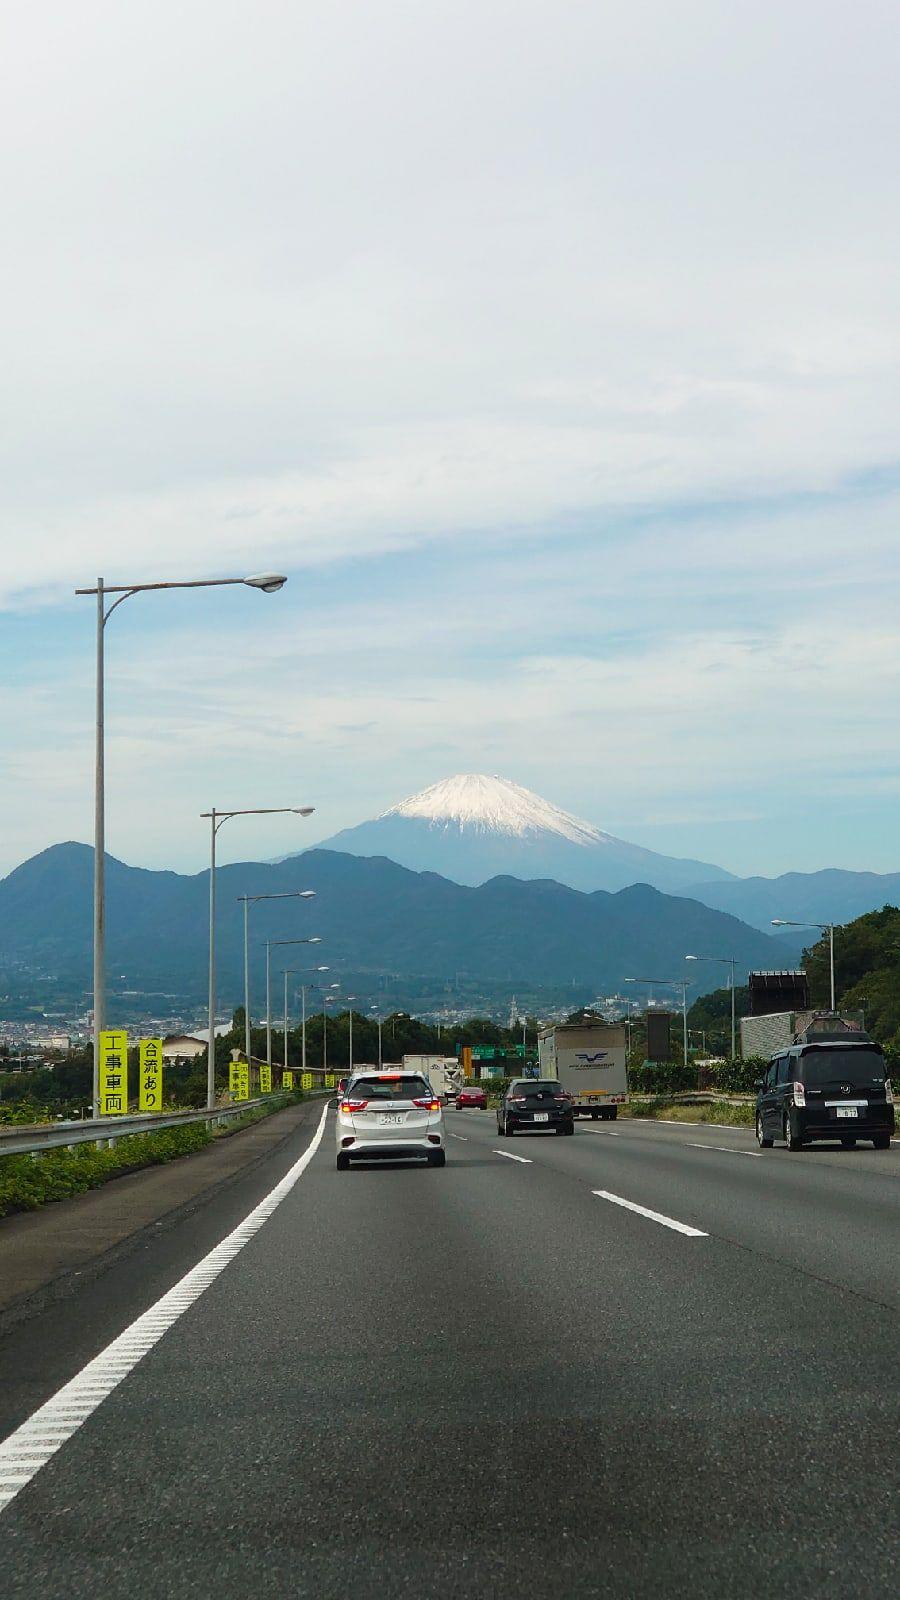 Один мой день в префектуре Сидзока, Япония, я покажу вам долгожданную семейную поездку, фото 11